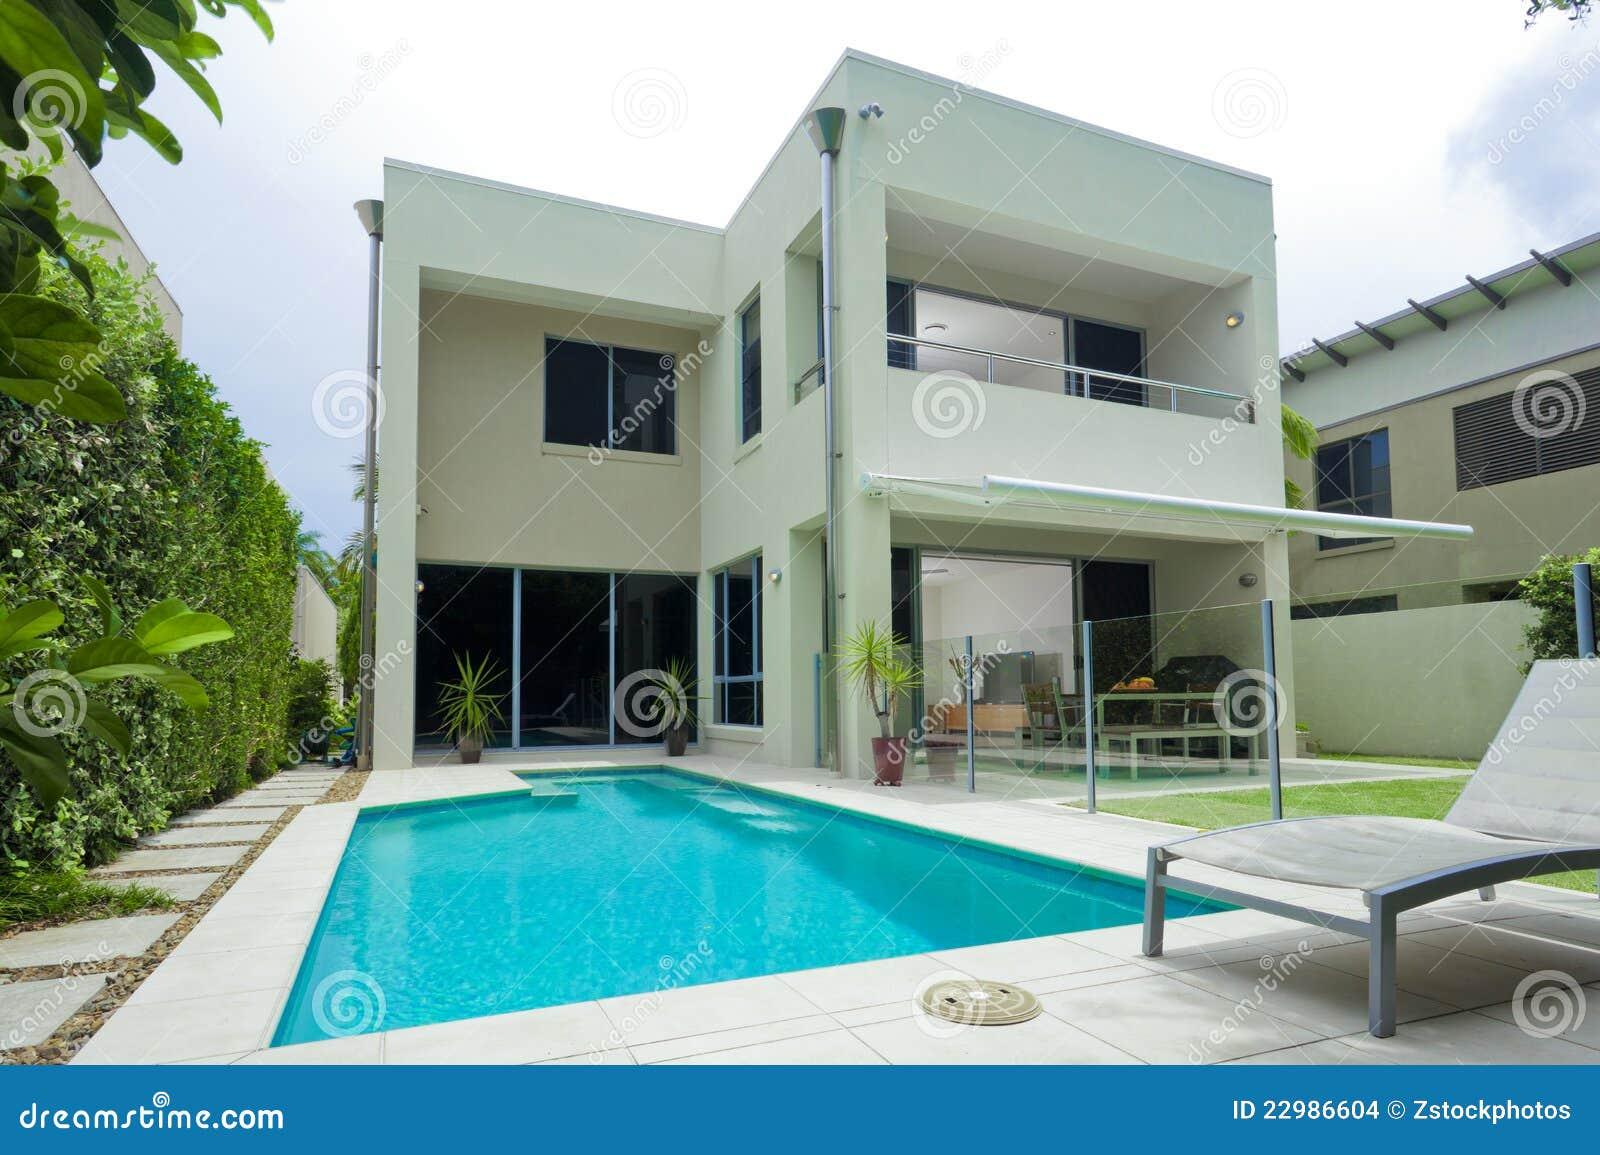 Casa de moder com piscina imagens de stock imagem 22986604 - Piscinas para casas ...